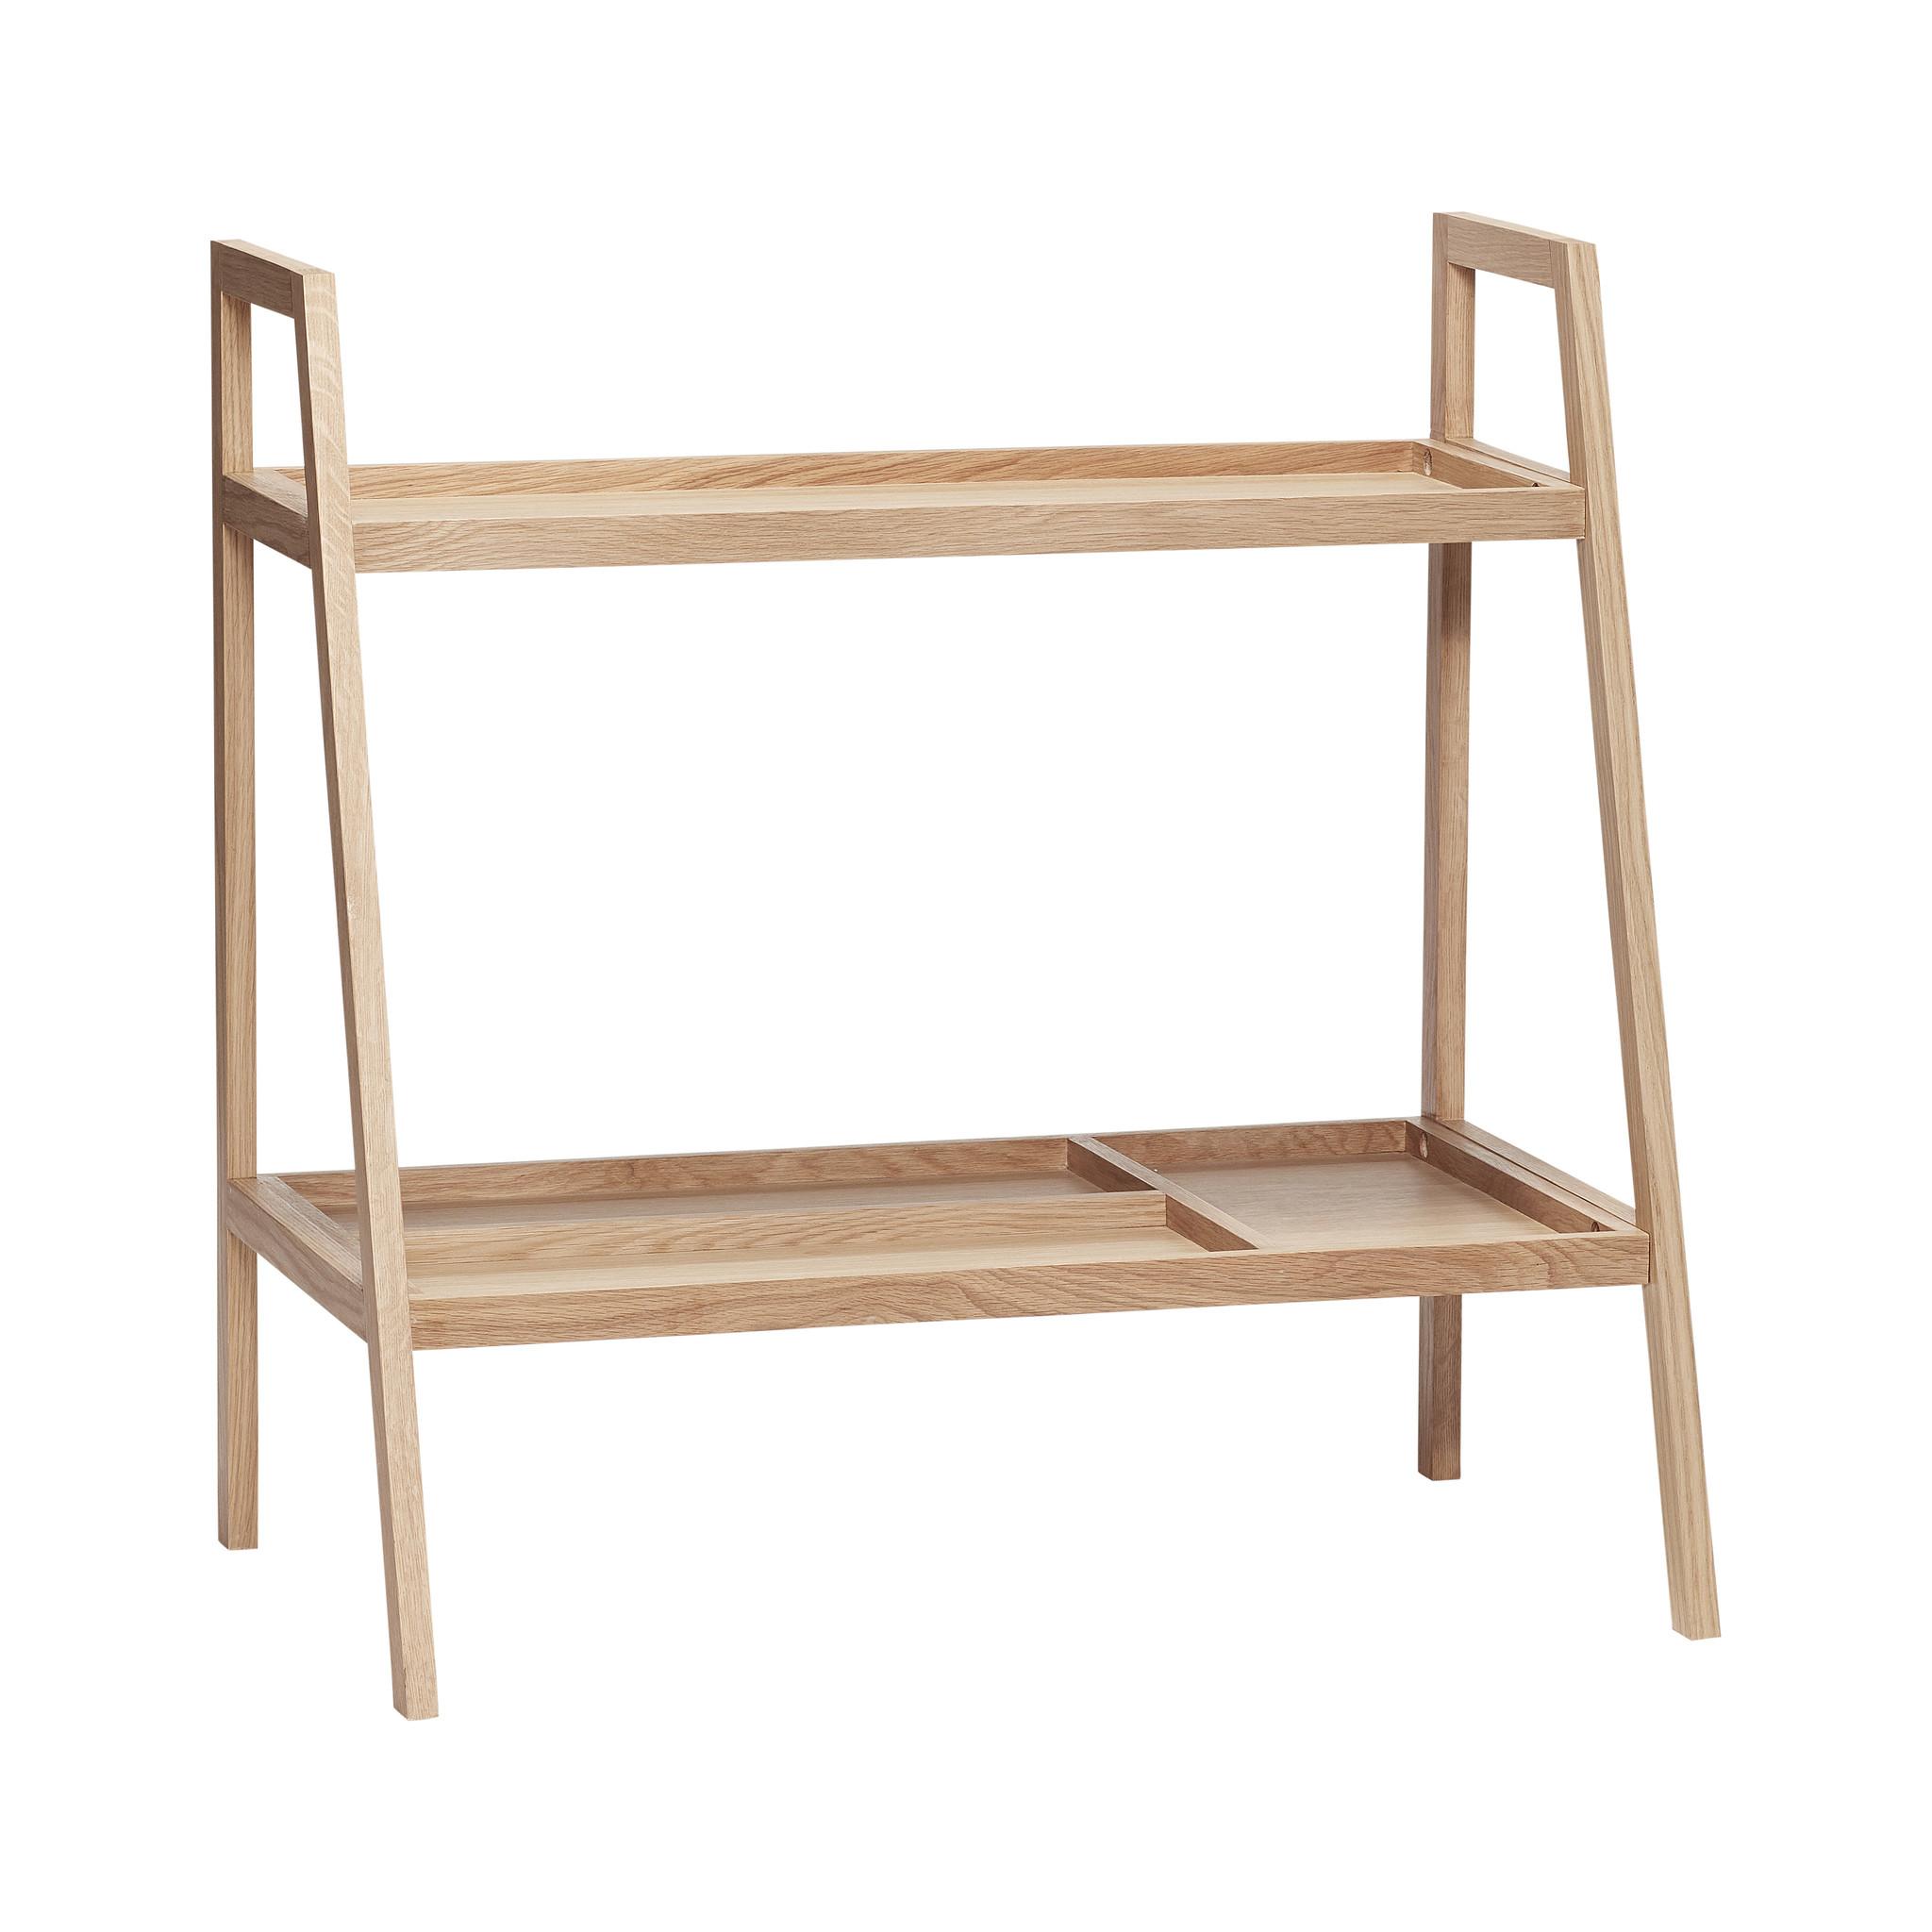 Hubsch Open kast met 2 planken, eiken, natuur-880614-5712772064979